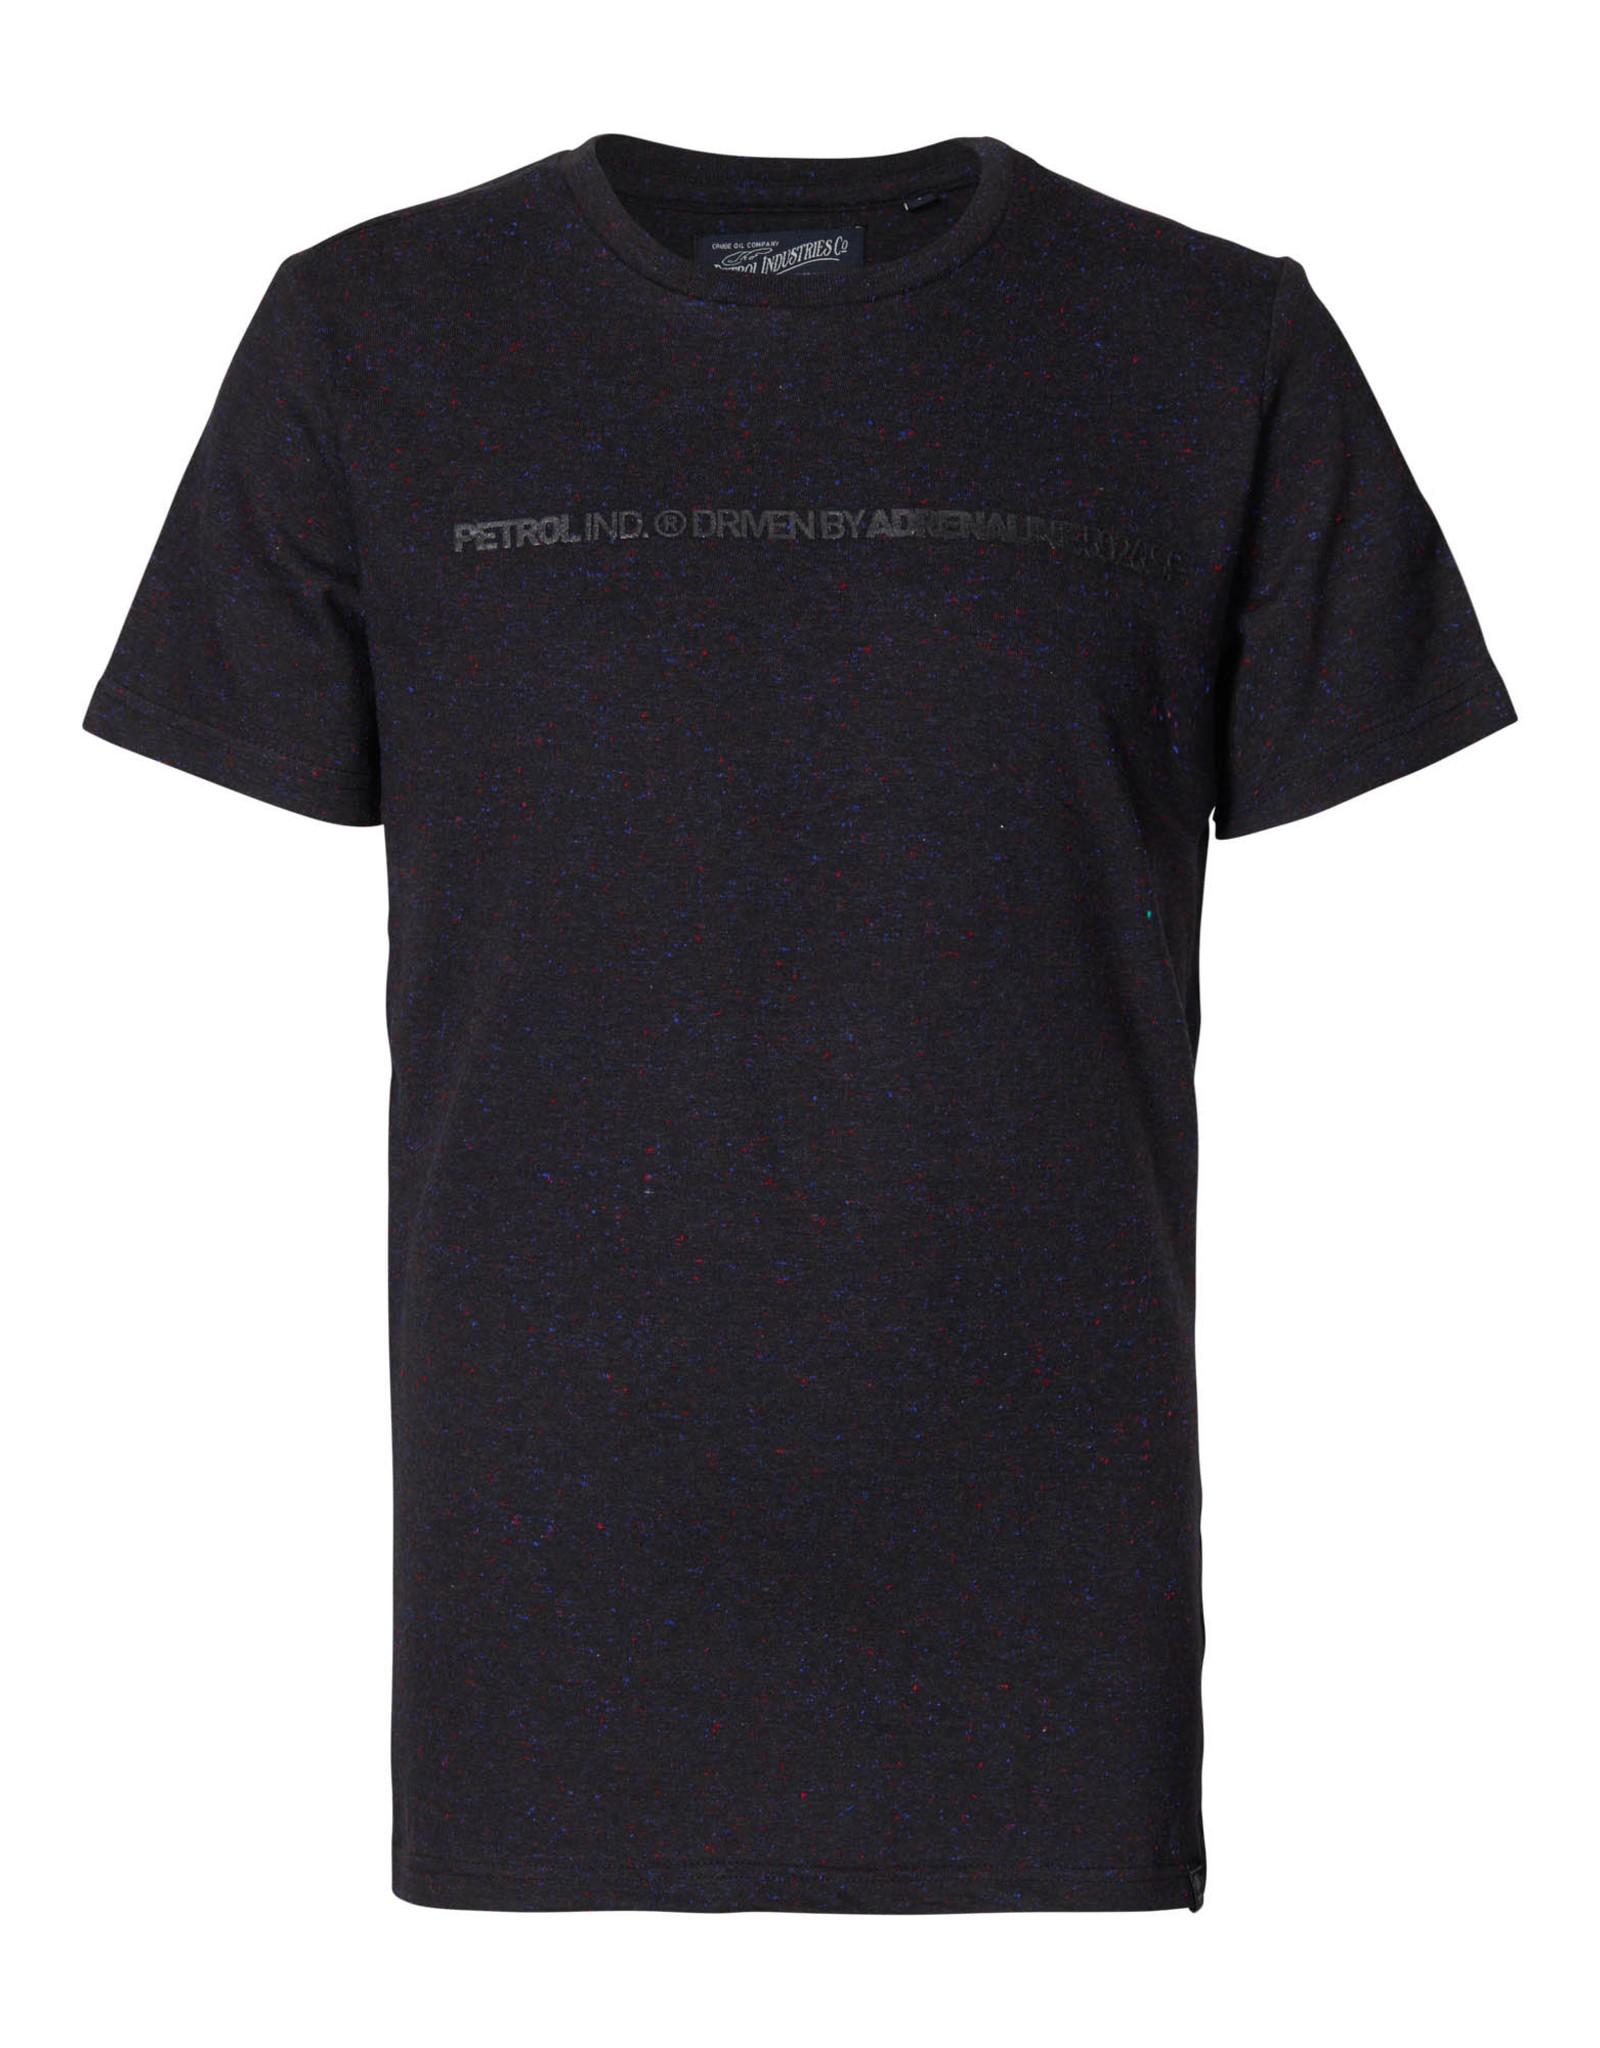 Petrol T-shirt zwart met rode vlekjes